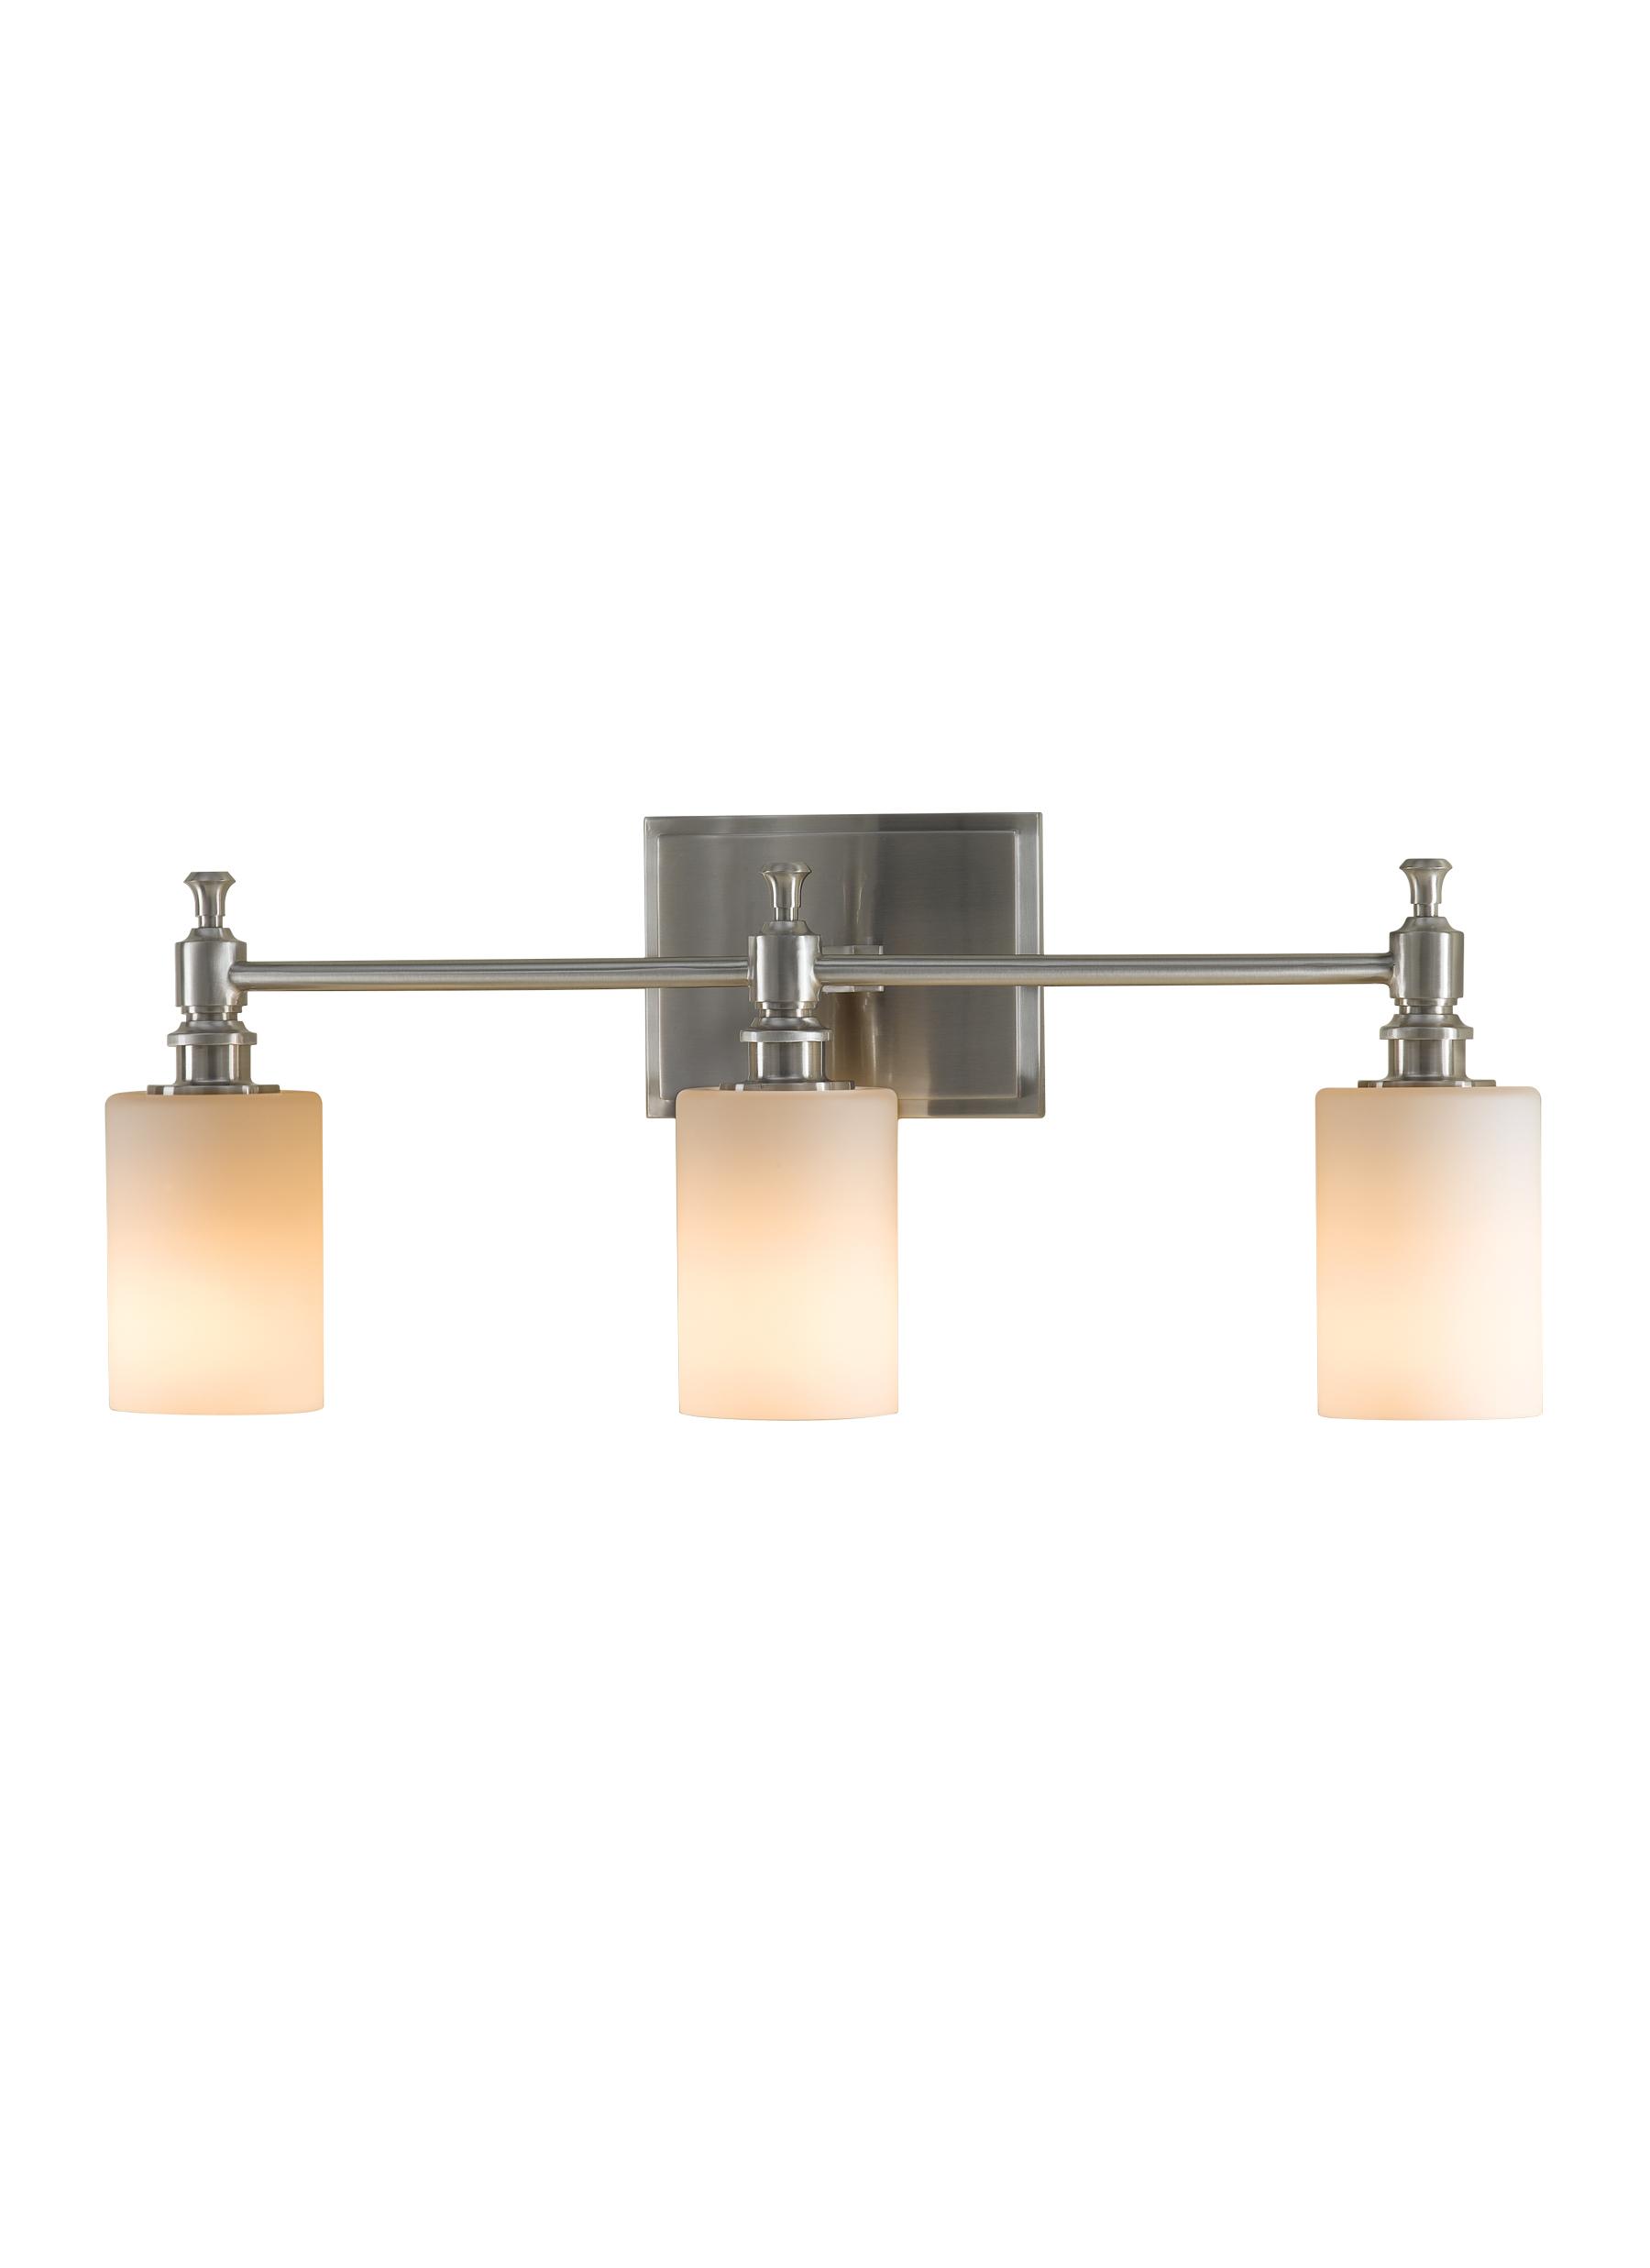 VSBS Light Vanity FixtureBrushed Steel - Murray feiss bathroom lighting fixtures